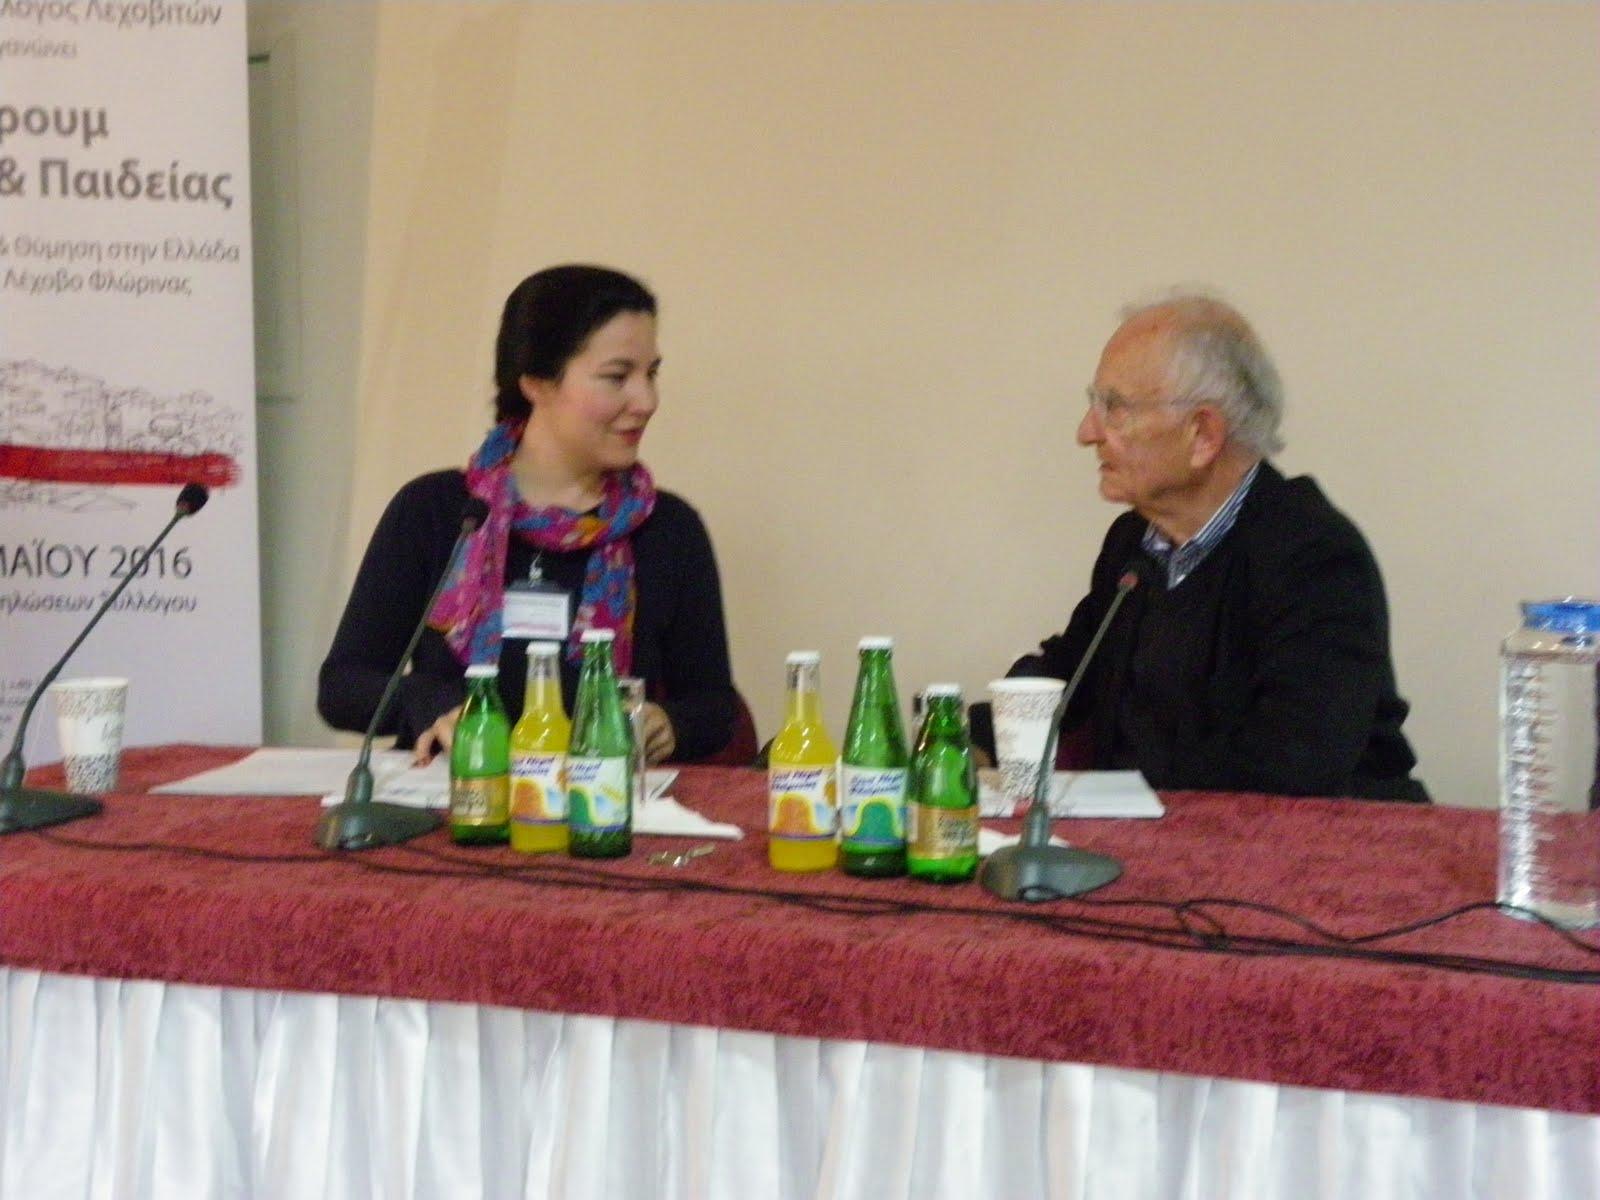 Carolina Rehrmann und Prof. Dr. Paech in der Podiumsdiskussion